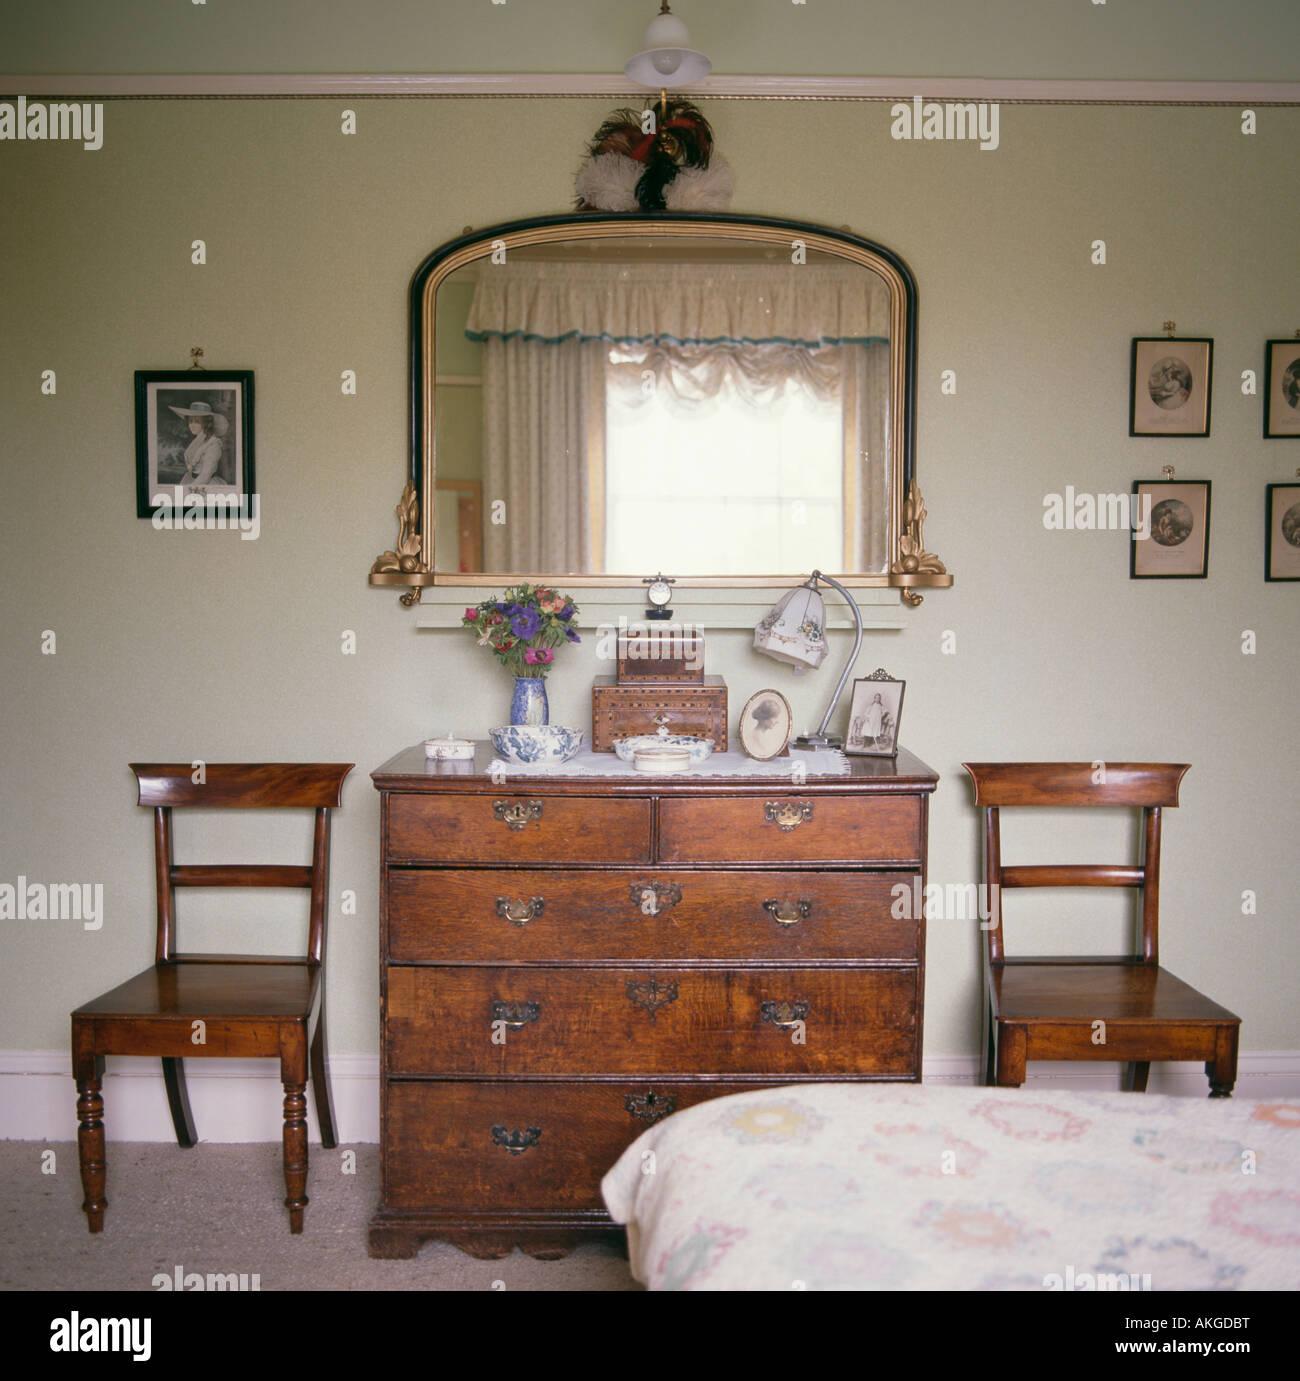 Cassettiera Camera Da Letto Con Specchio.Sedie Antiche Su Entrambi I Lati Della Cassettiera Antica Nel Paese